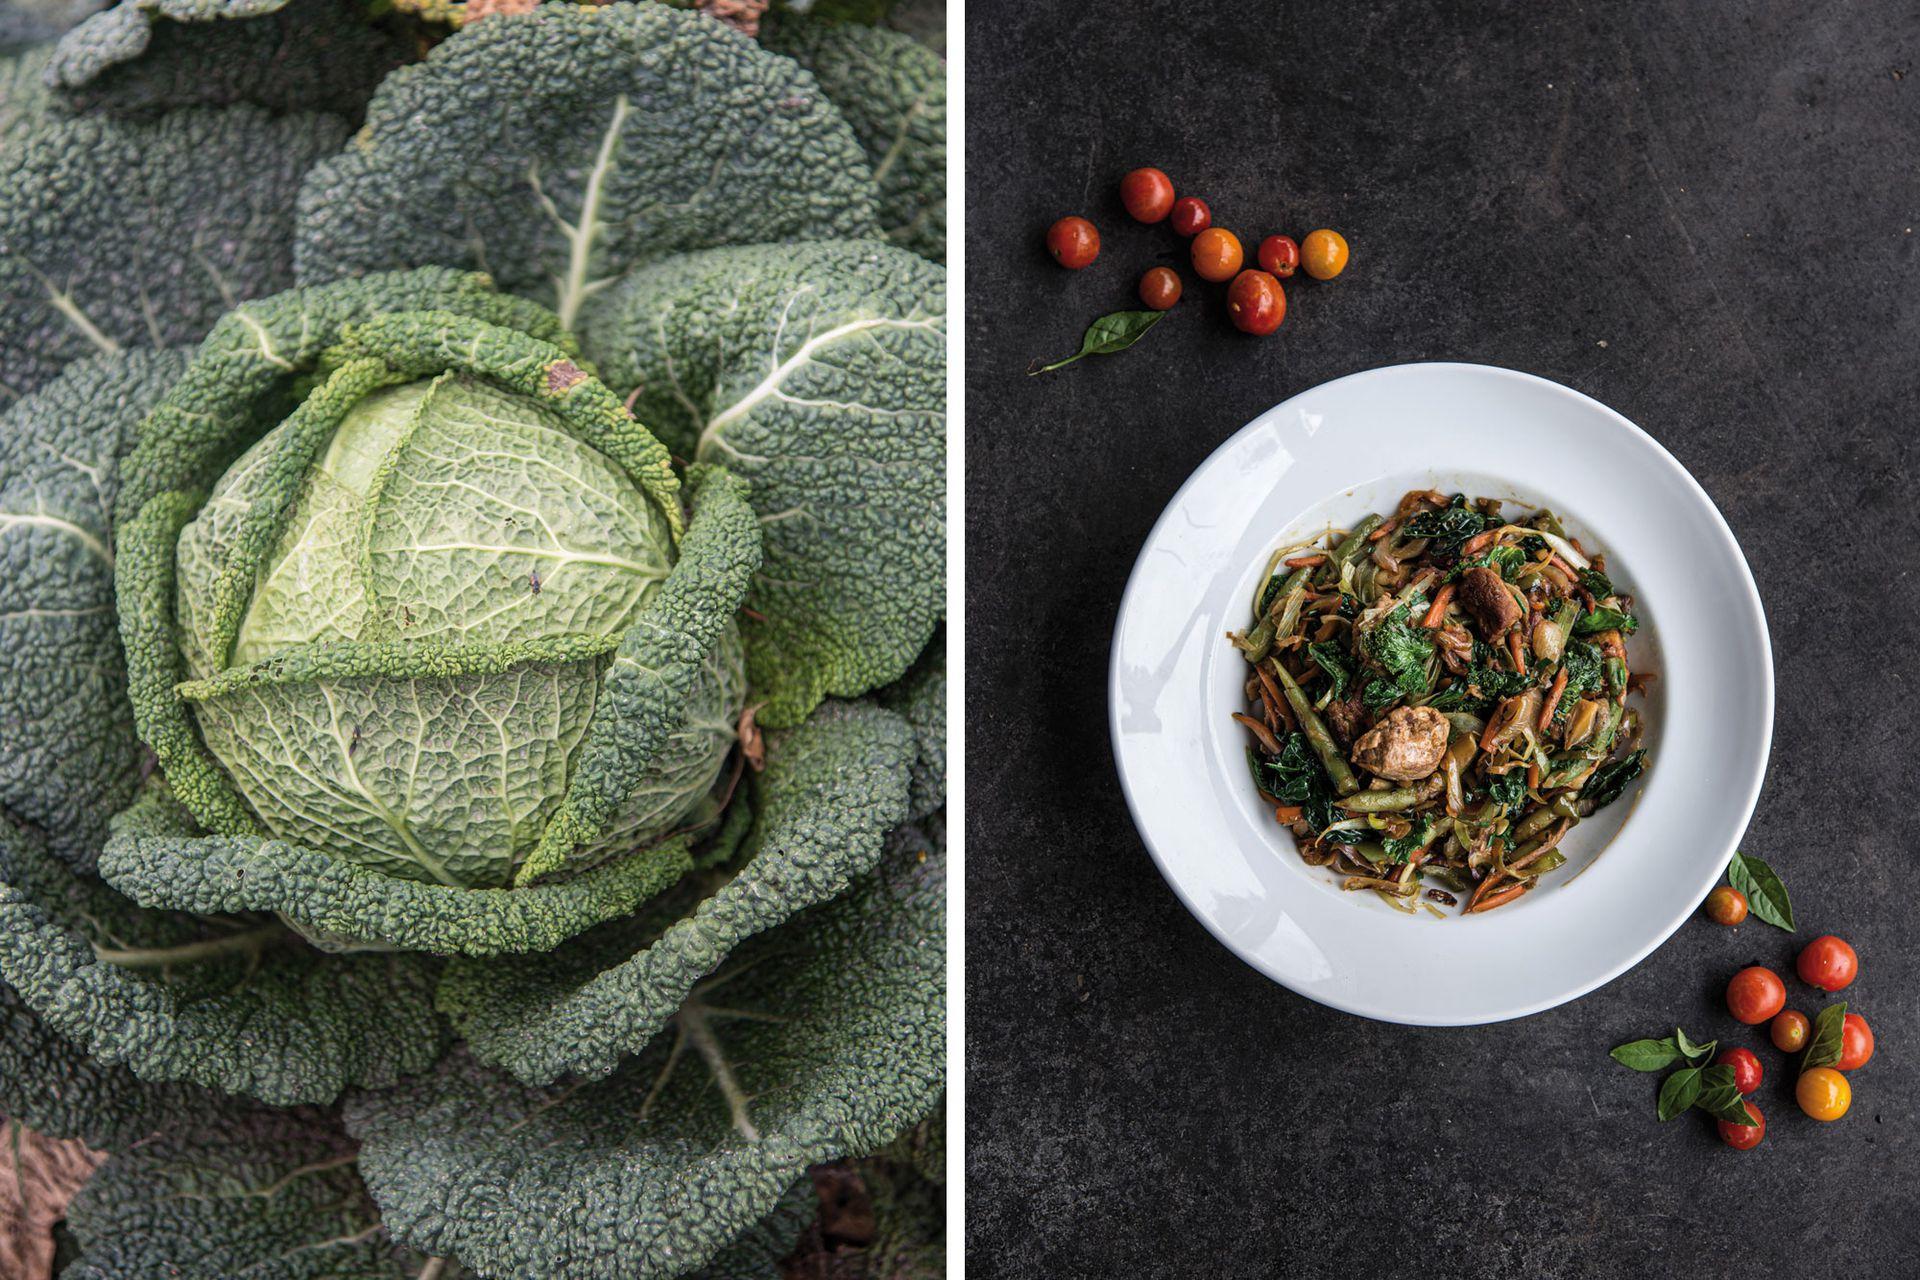 Repollo o col de Saboya o de Milán; y un plato de wok con varias de esas verduras recién cosechadas. Delicias de la huerta de Greens City Bell.